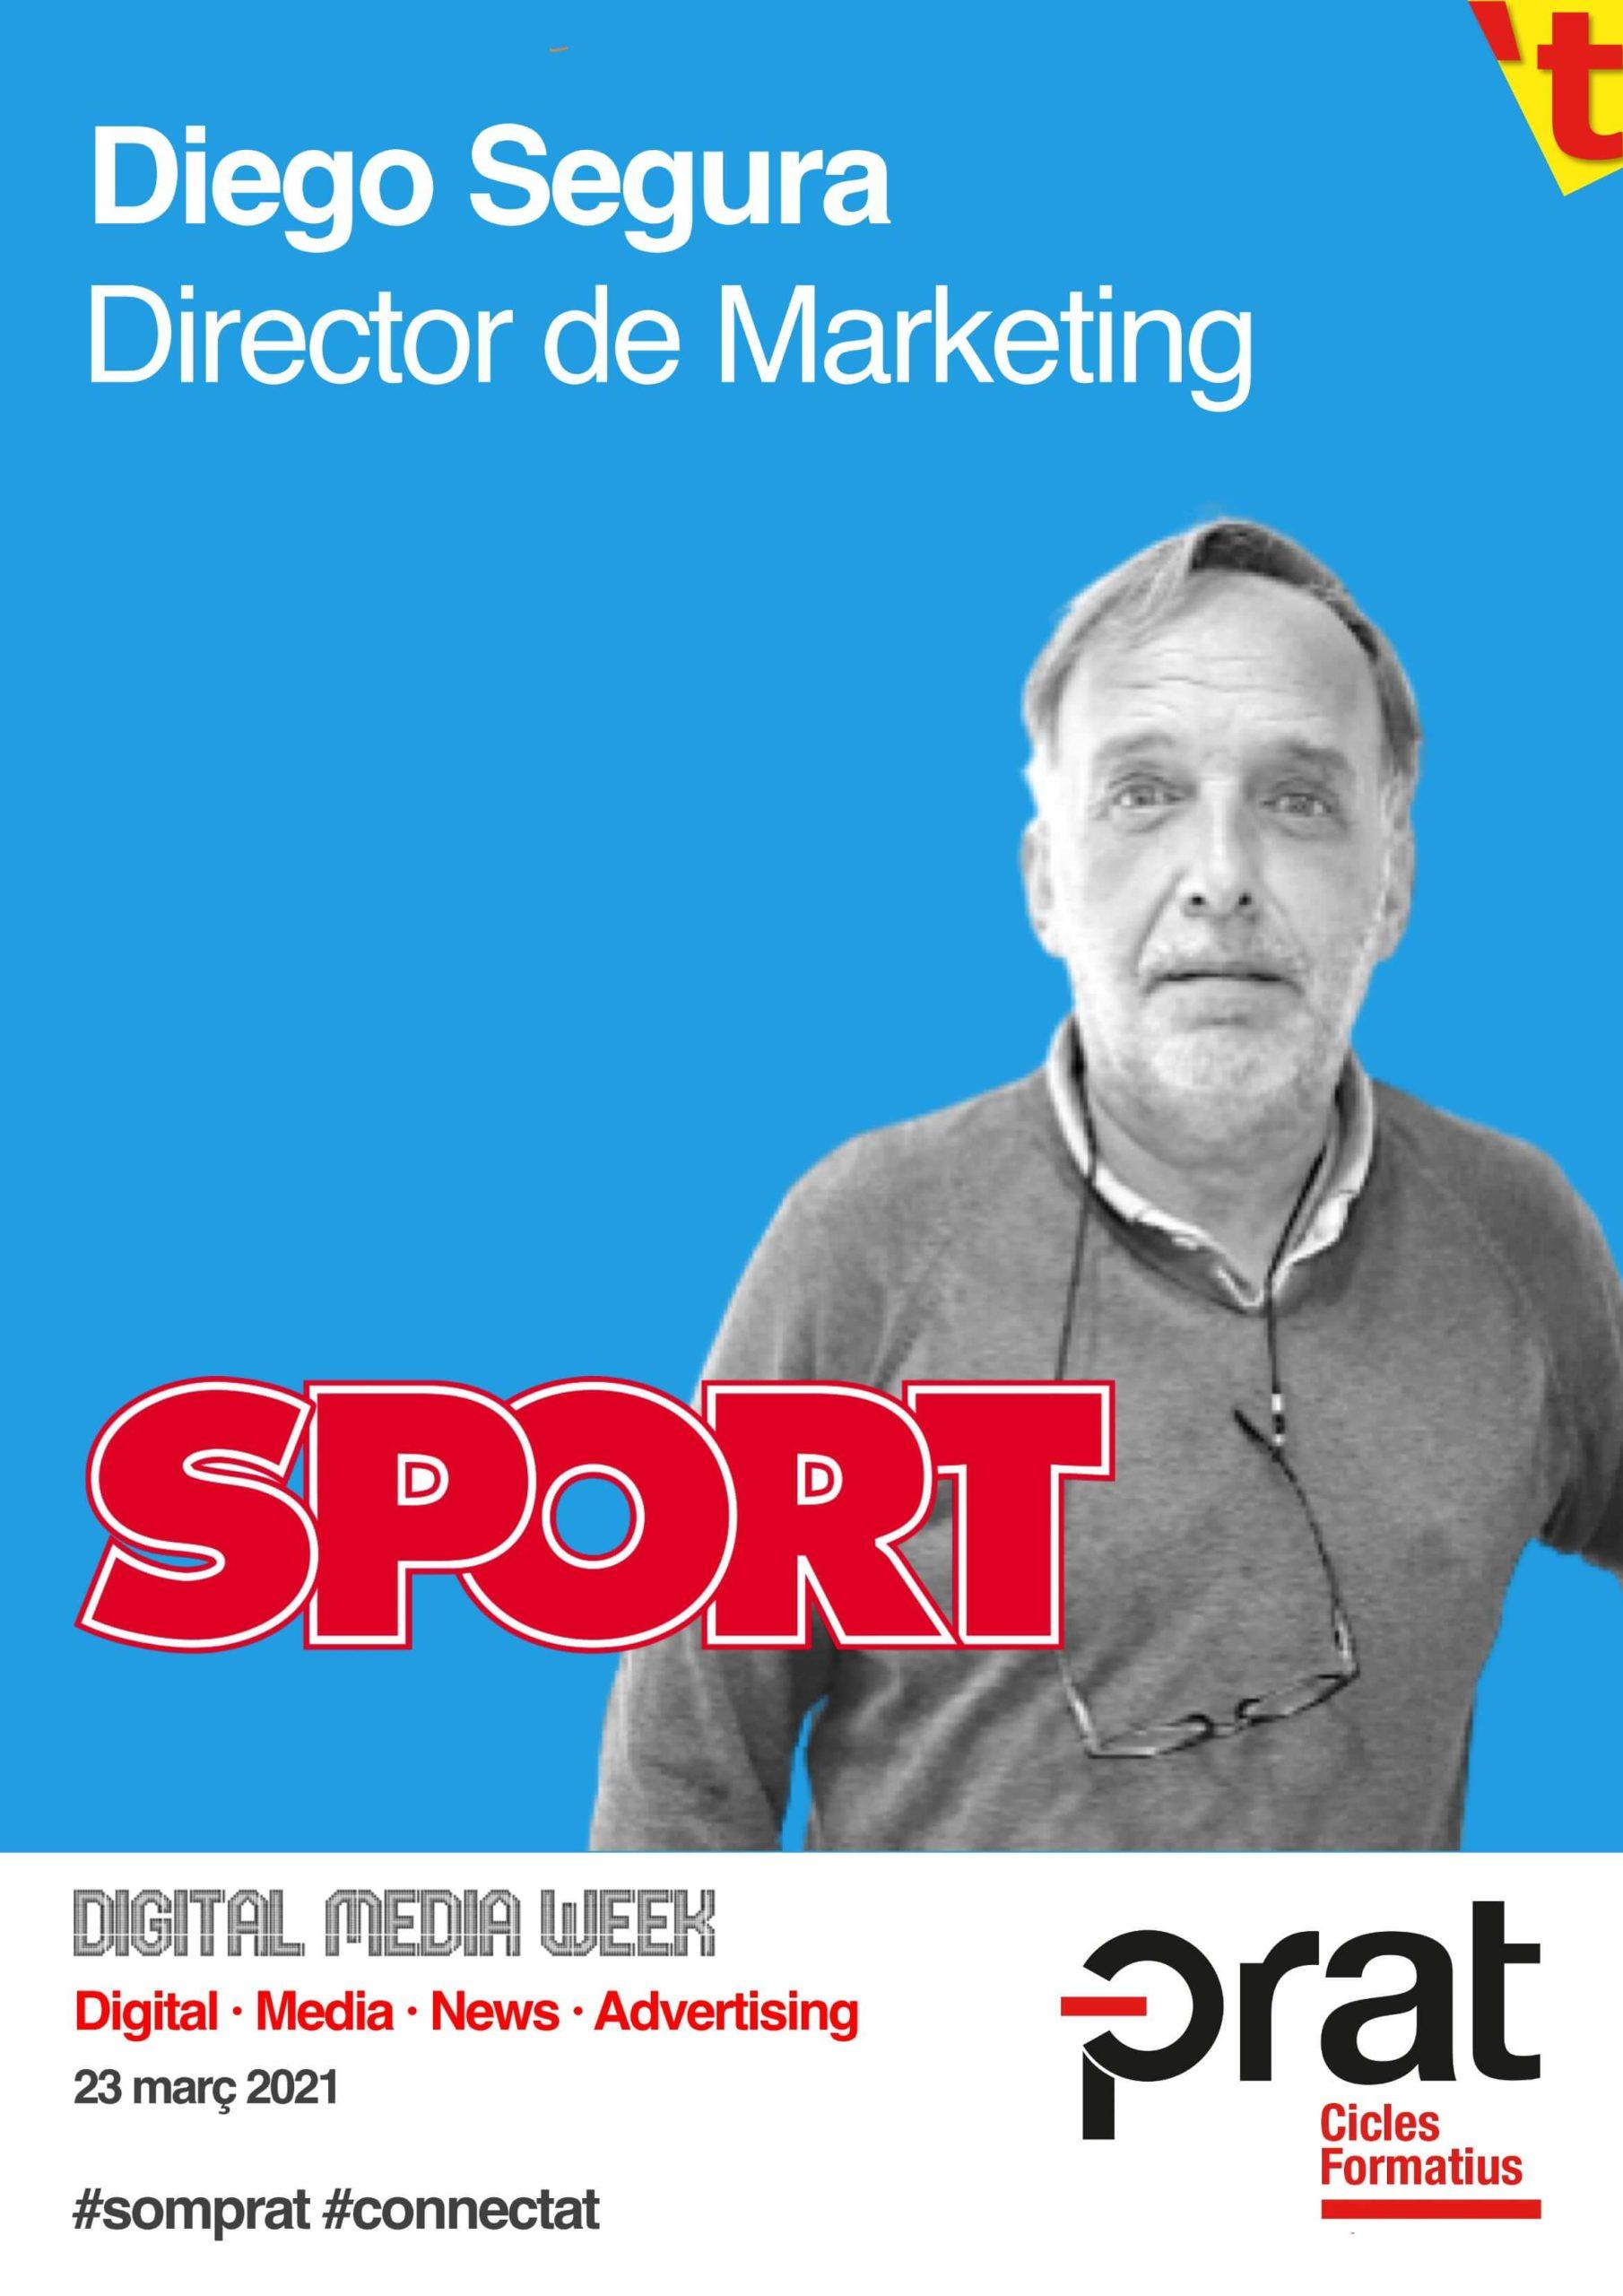 Digital Media Week: Sport - Cicle Formatiu de Grau Superior de Màrqueting i Publicitat a Prat Educació